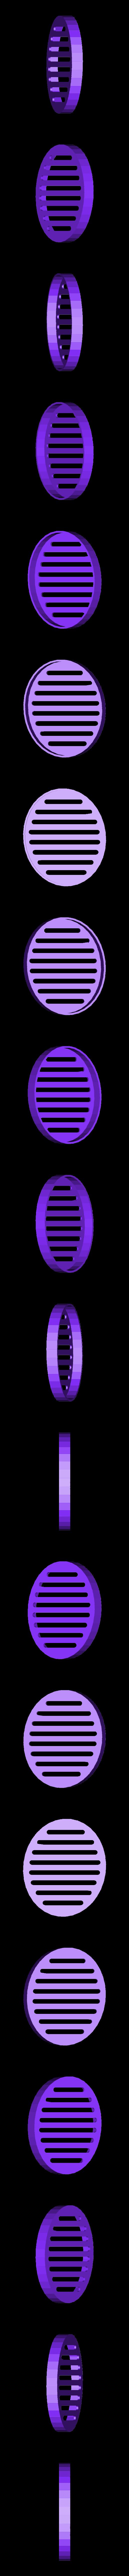 mesh-1.stl Télécharger fichier STL gratuit Masque contre les coronavirus • Design imprimable en 3D, sammy3